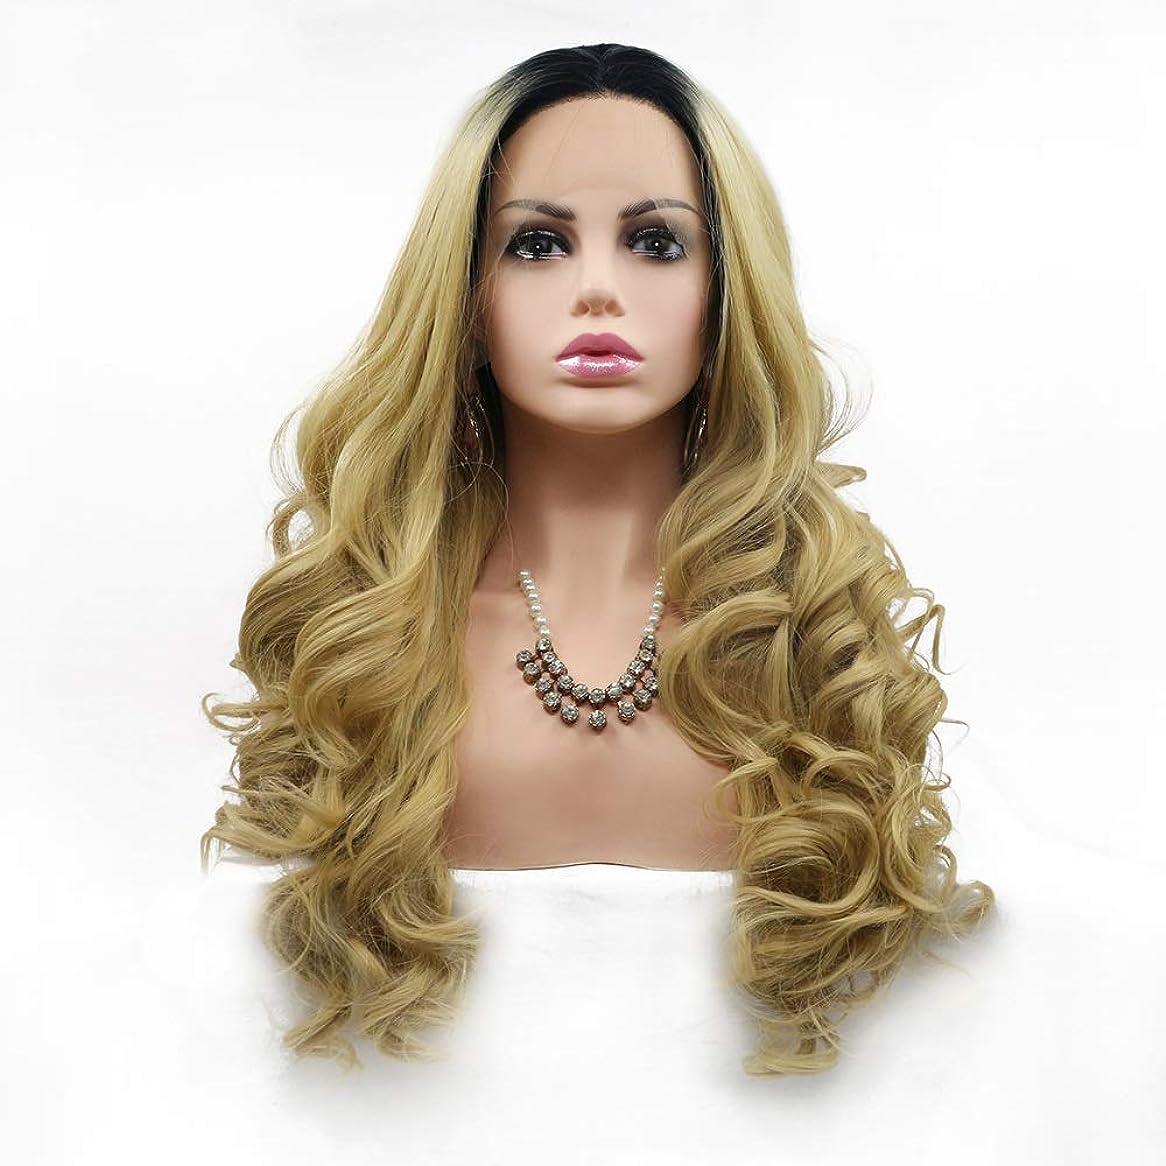 刺繍ページ与えるZXF 女性のヨーロッパとアメリカのかつらは化学繊維かつら髪セットの真ん中に設定 - 黒 - ピンク - グラデーション - 大容量 - 大きな波 - 長い髪 美しい